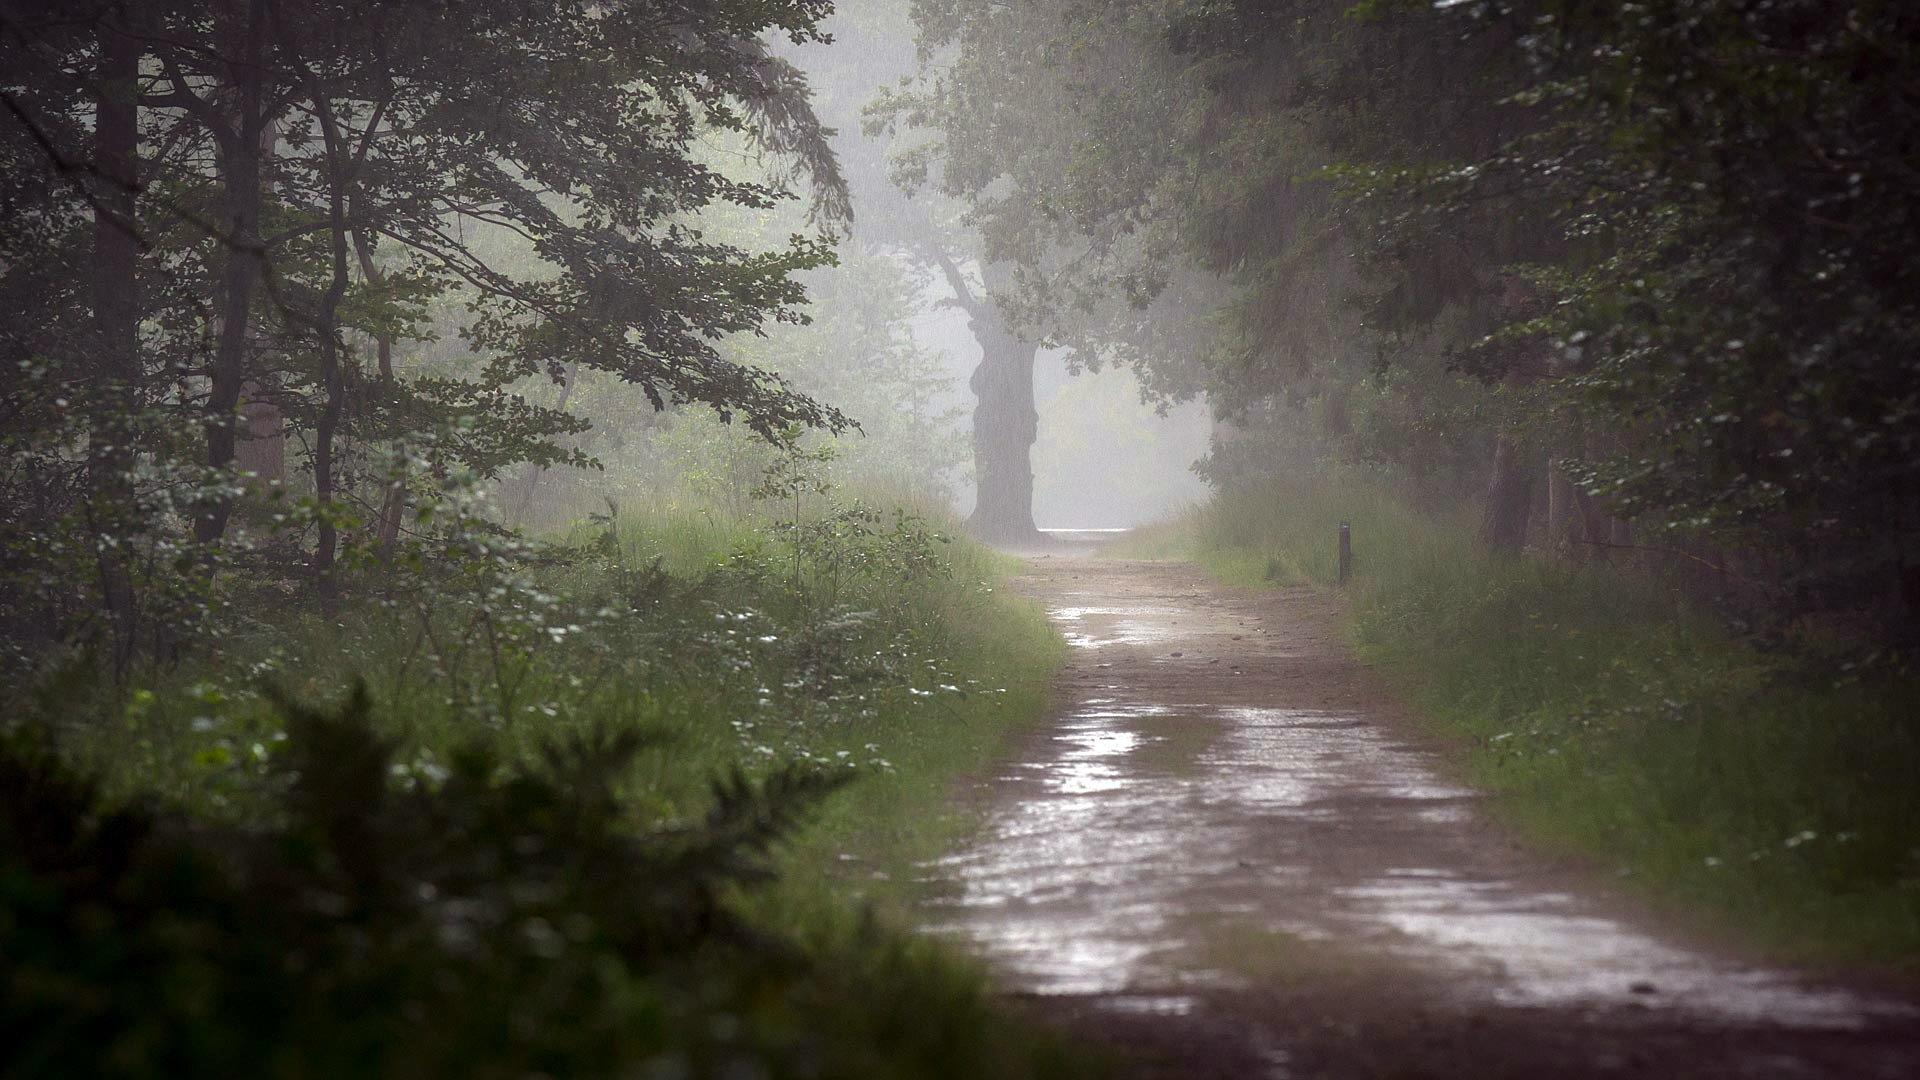 картинки на тему дождь в лесу где вытяжку купить